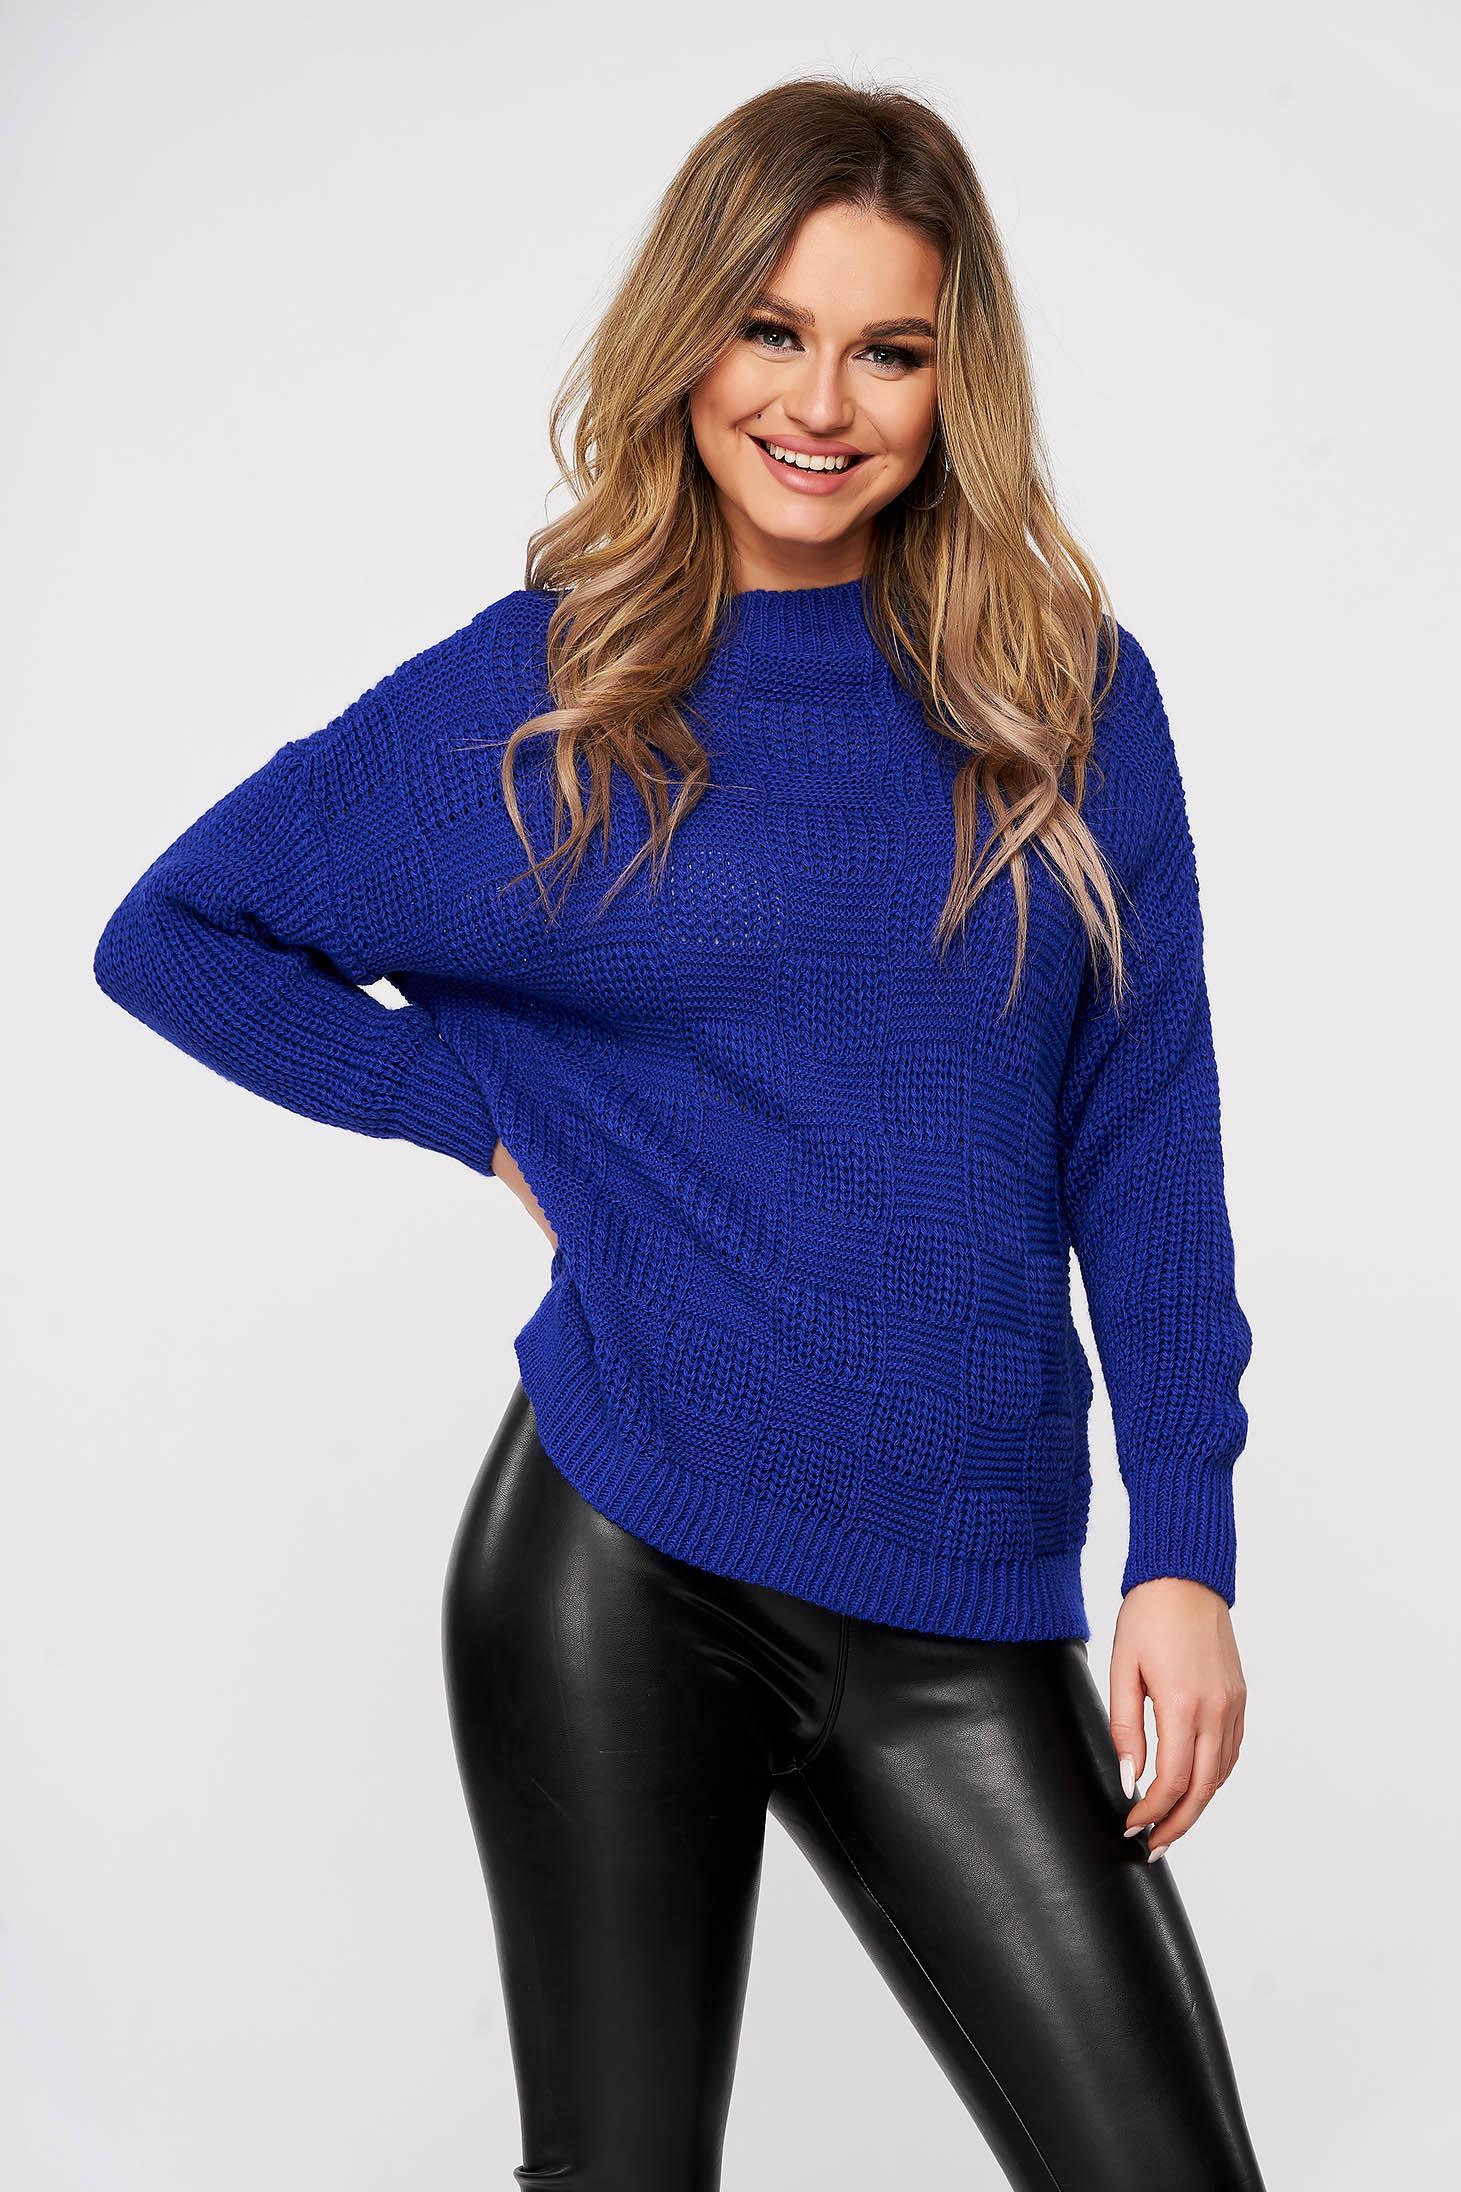 Pulover SunShine albastru casual tricotat cu cusaturi in material cu croi larg